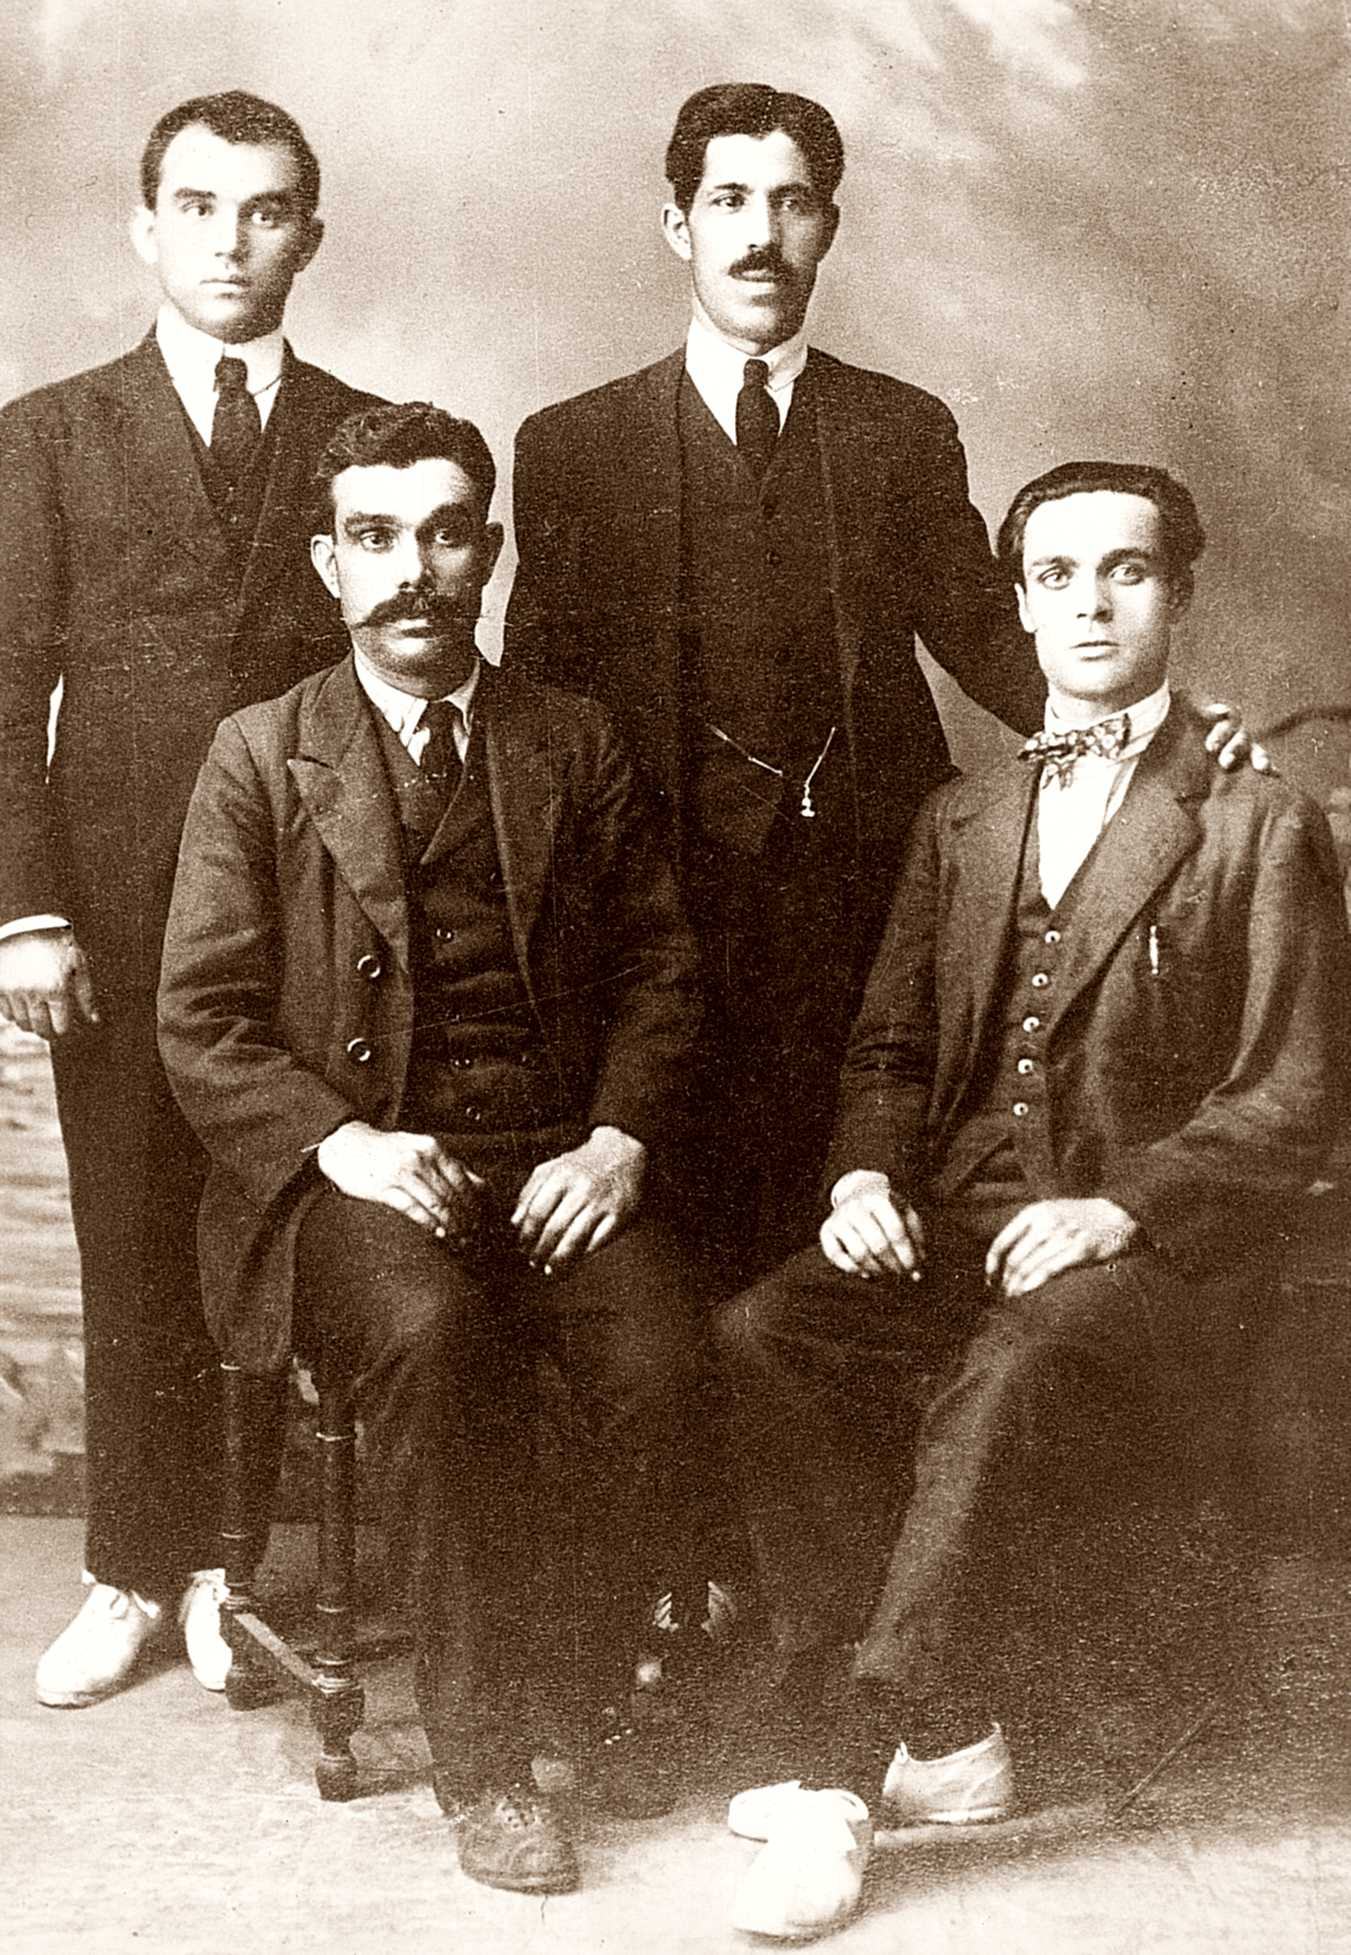 Derecho a la izquierda ácrata Lucas;  sentados, a la izquierda Manuel Joaquin de Sousa, ya la derecha Sebastián Clarà (Barcelona, 12 de noviembre de 1930)